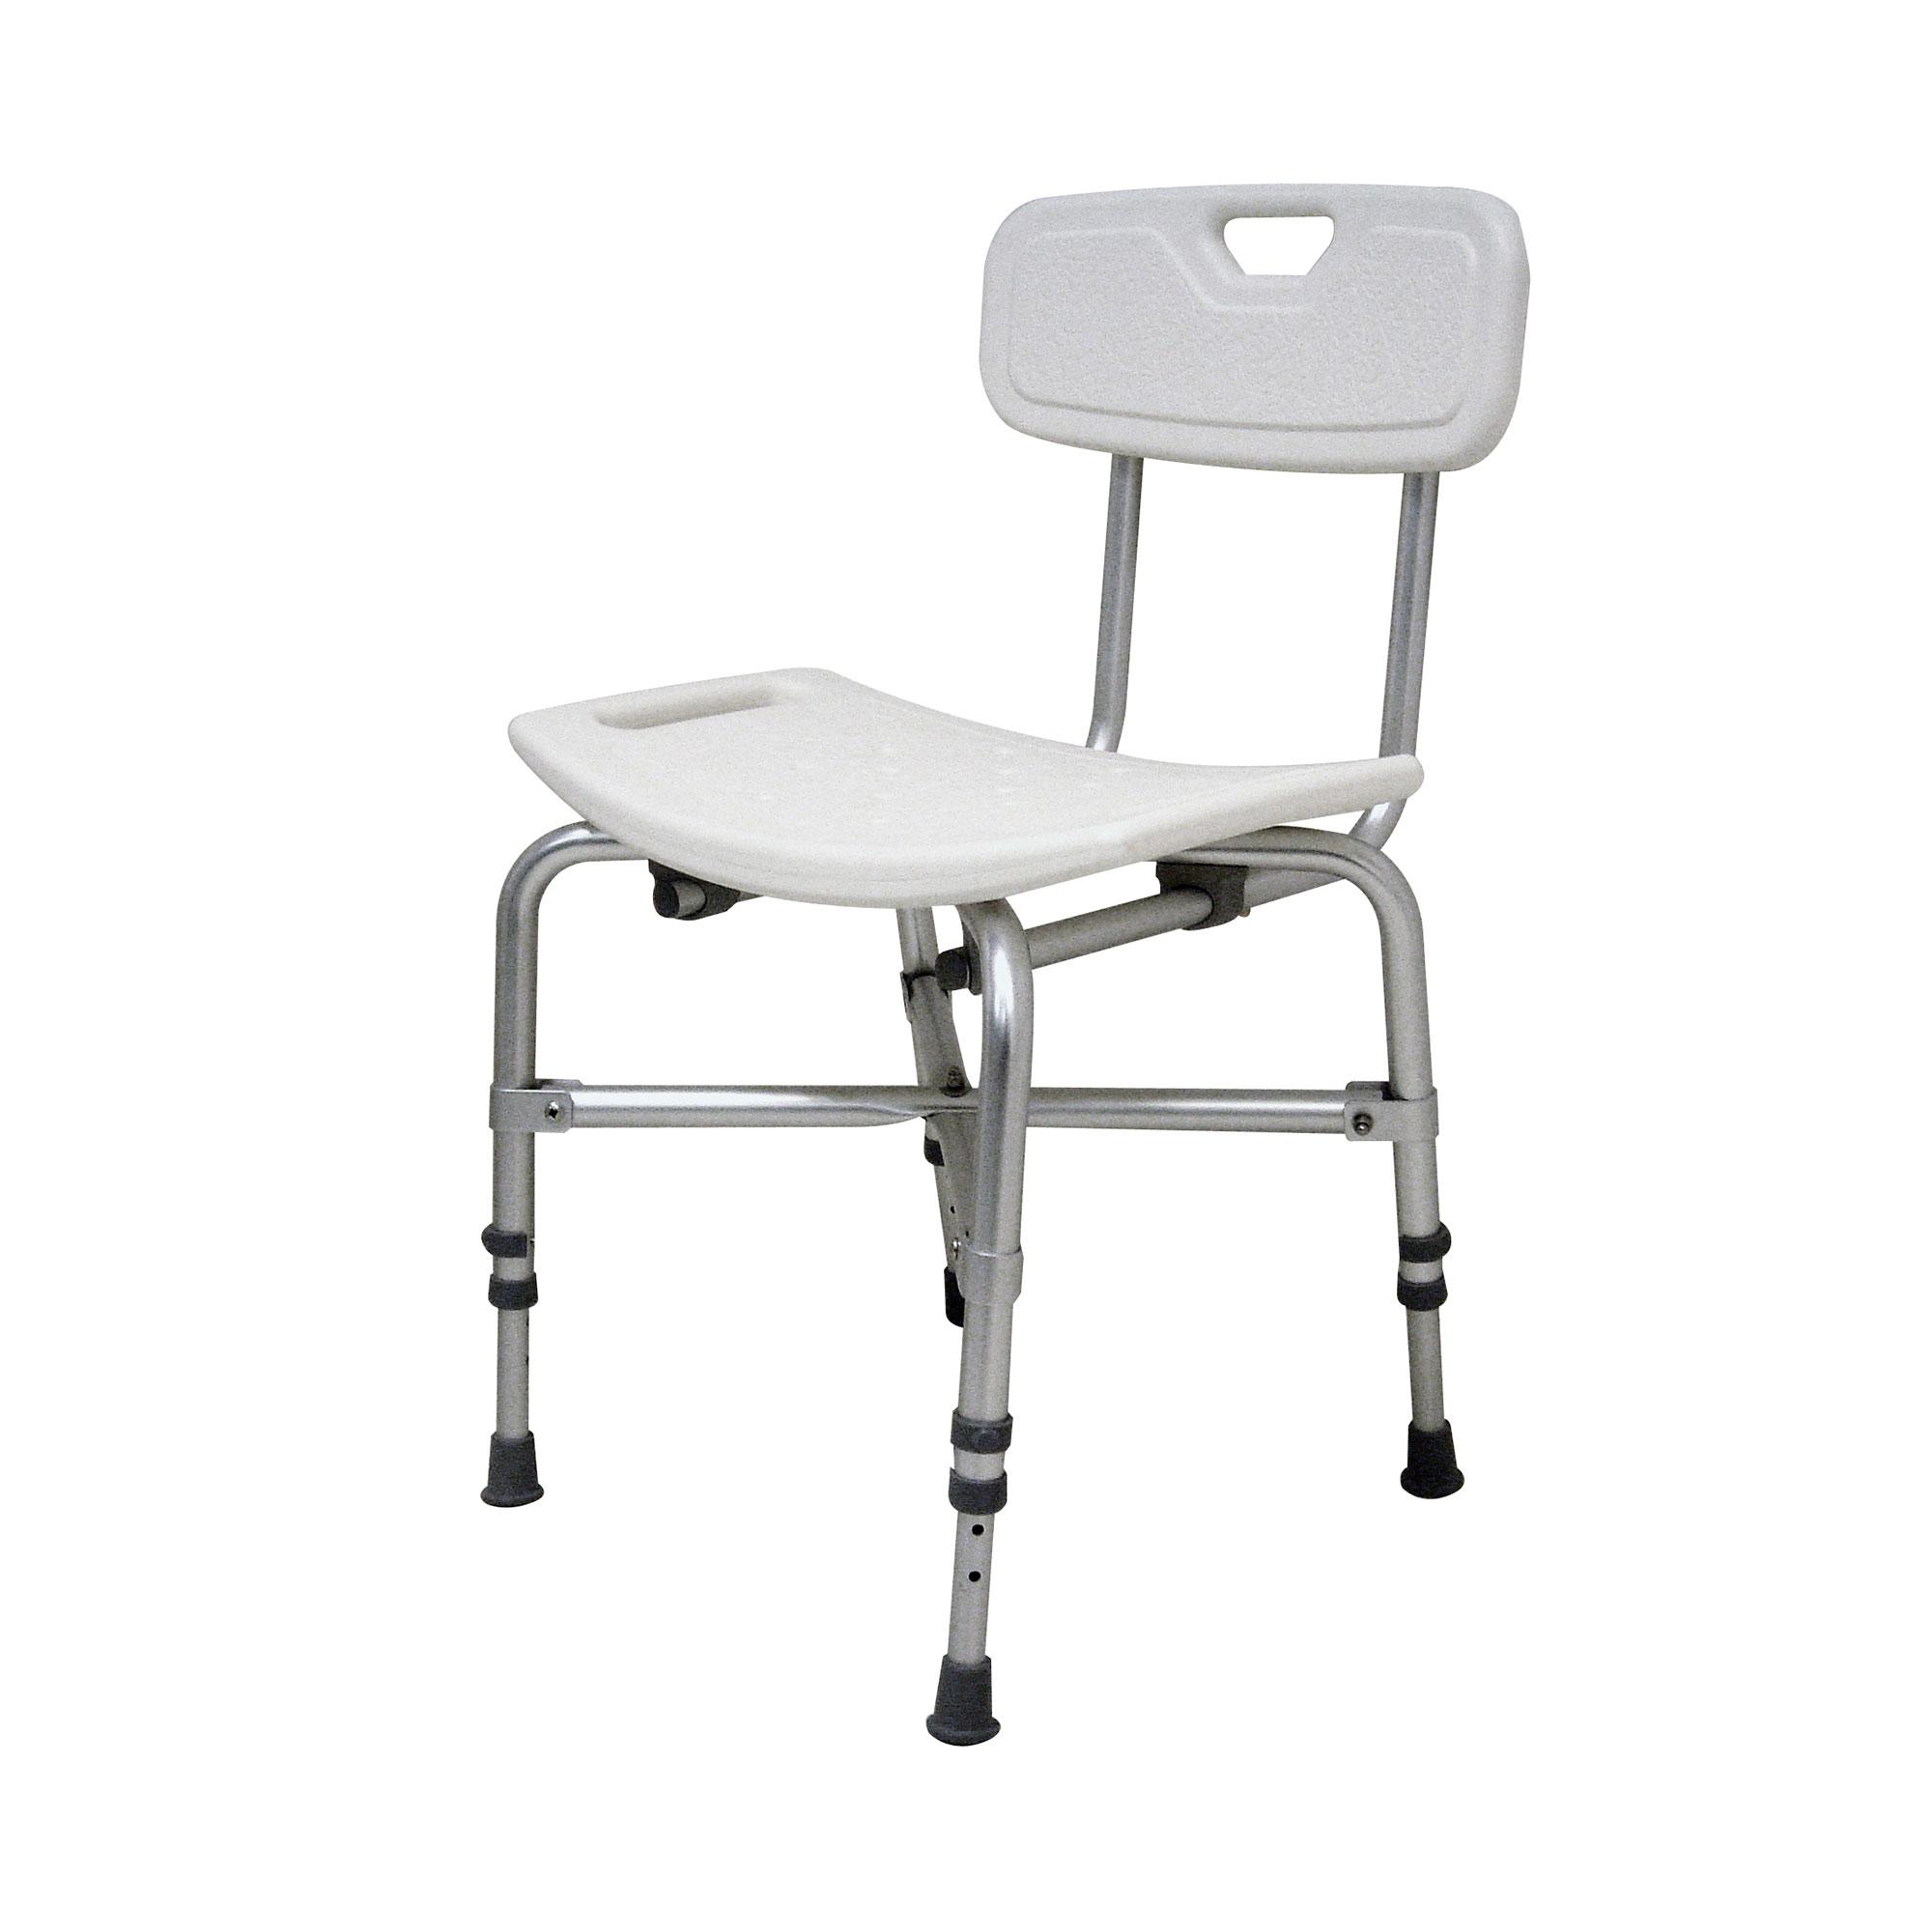 4300 : Heavy Duty Shower Stool - Roma Medical